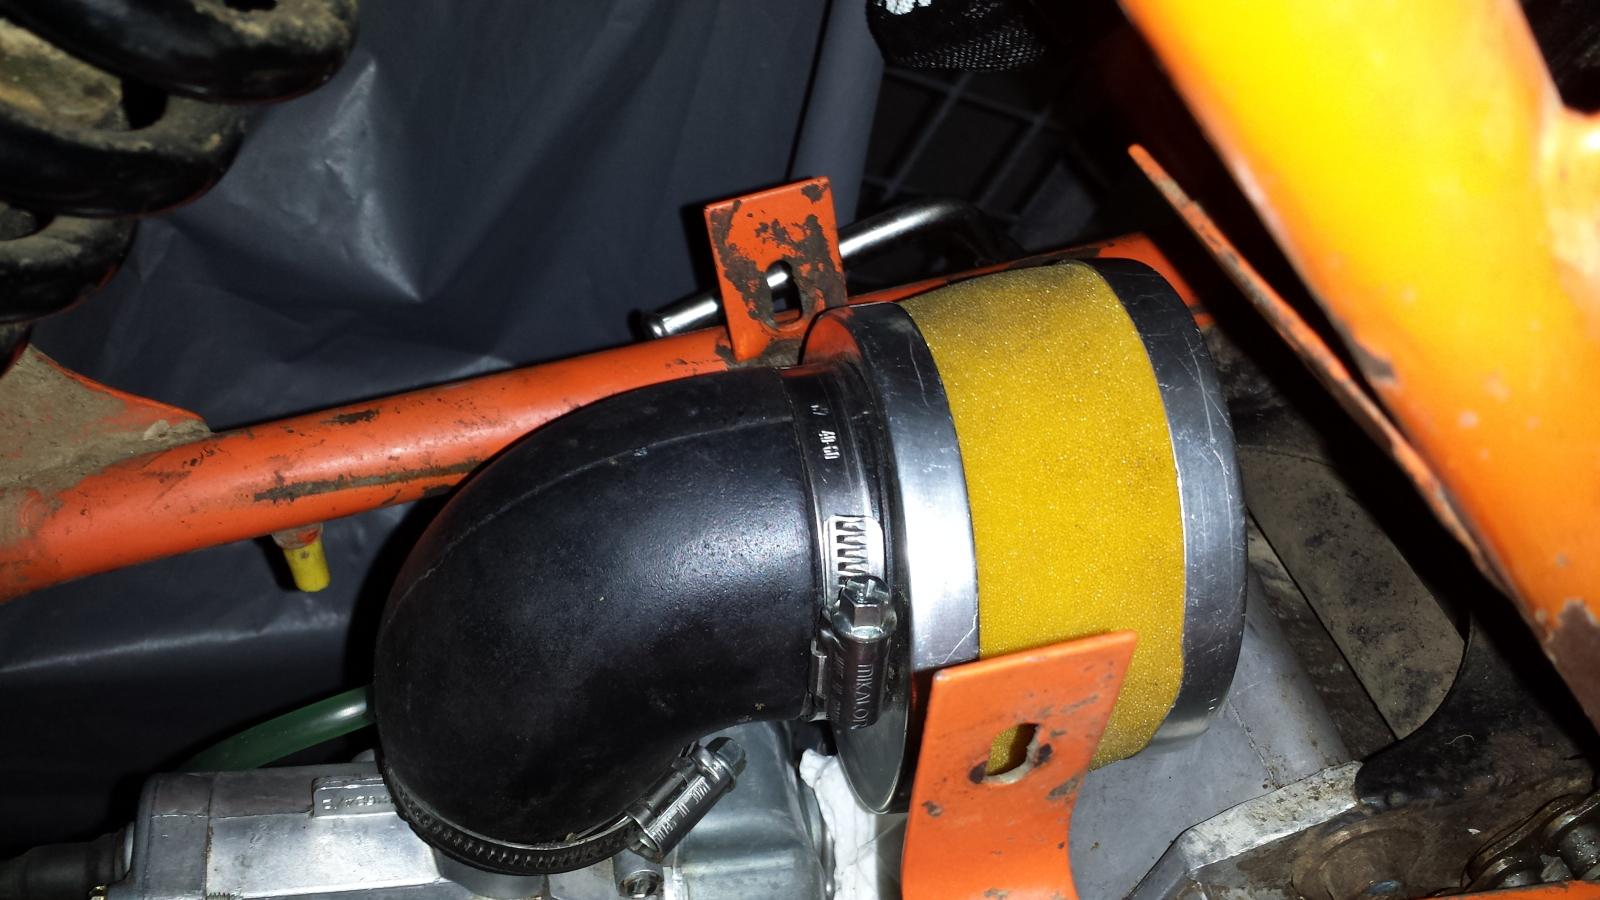 Puch Cobra M-82 Aire - Carburar Bing 84 - 26 Ev6n2a